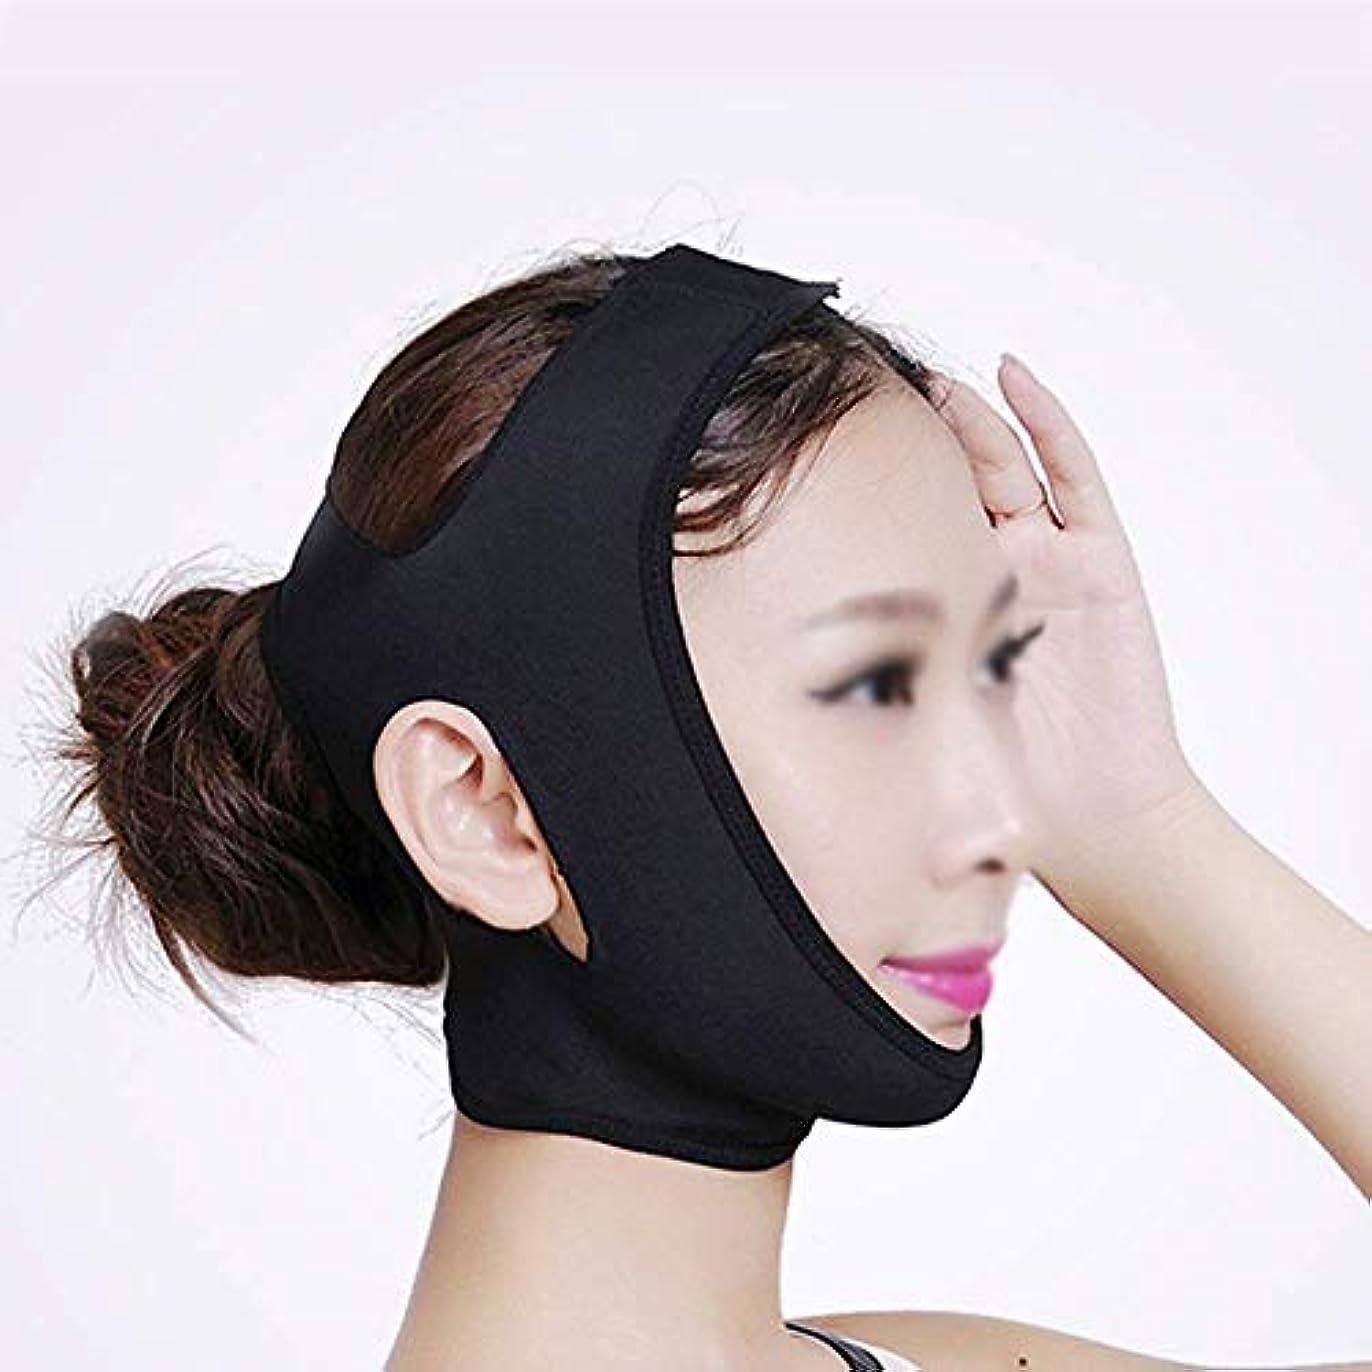 カートン中にバナーフェイシャル減量マスクリフティングフェイス、フェイスマスク、減量包帯を除去するためのダブルチン、フェイシャルリフティング包帯、ダブルチンを減らすためのリフティングベルト(カラー:ブラック、サイズ:M),黒、XXL